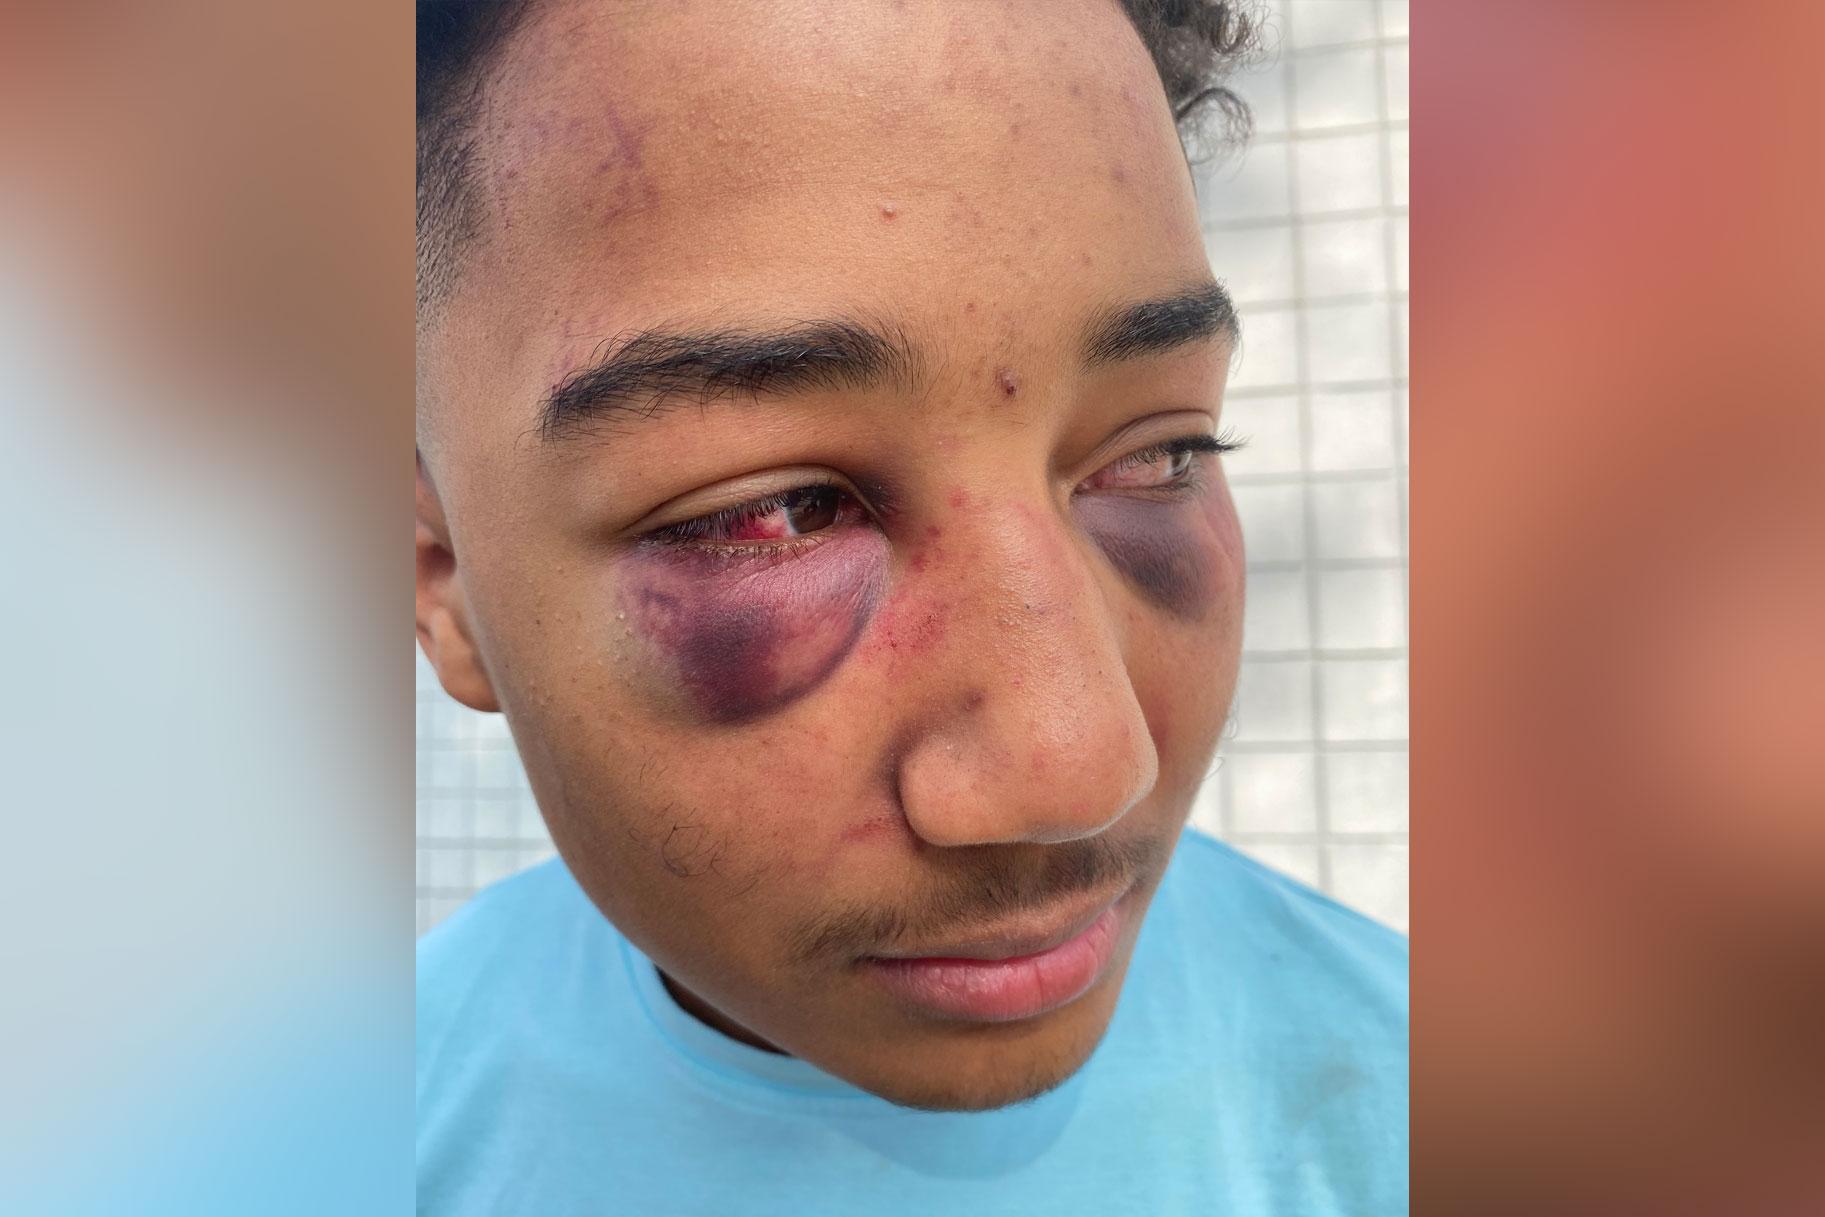 La golpiza policial contra un adolescente de California capturado en el video de la cámara corporal lleva a una demanda por derechos civiles del abogado de Rodney King